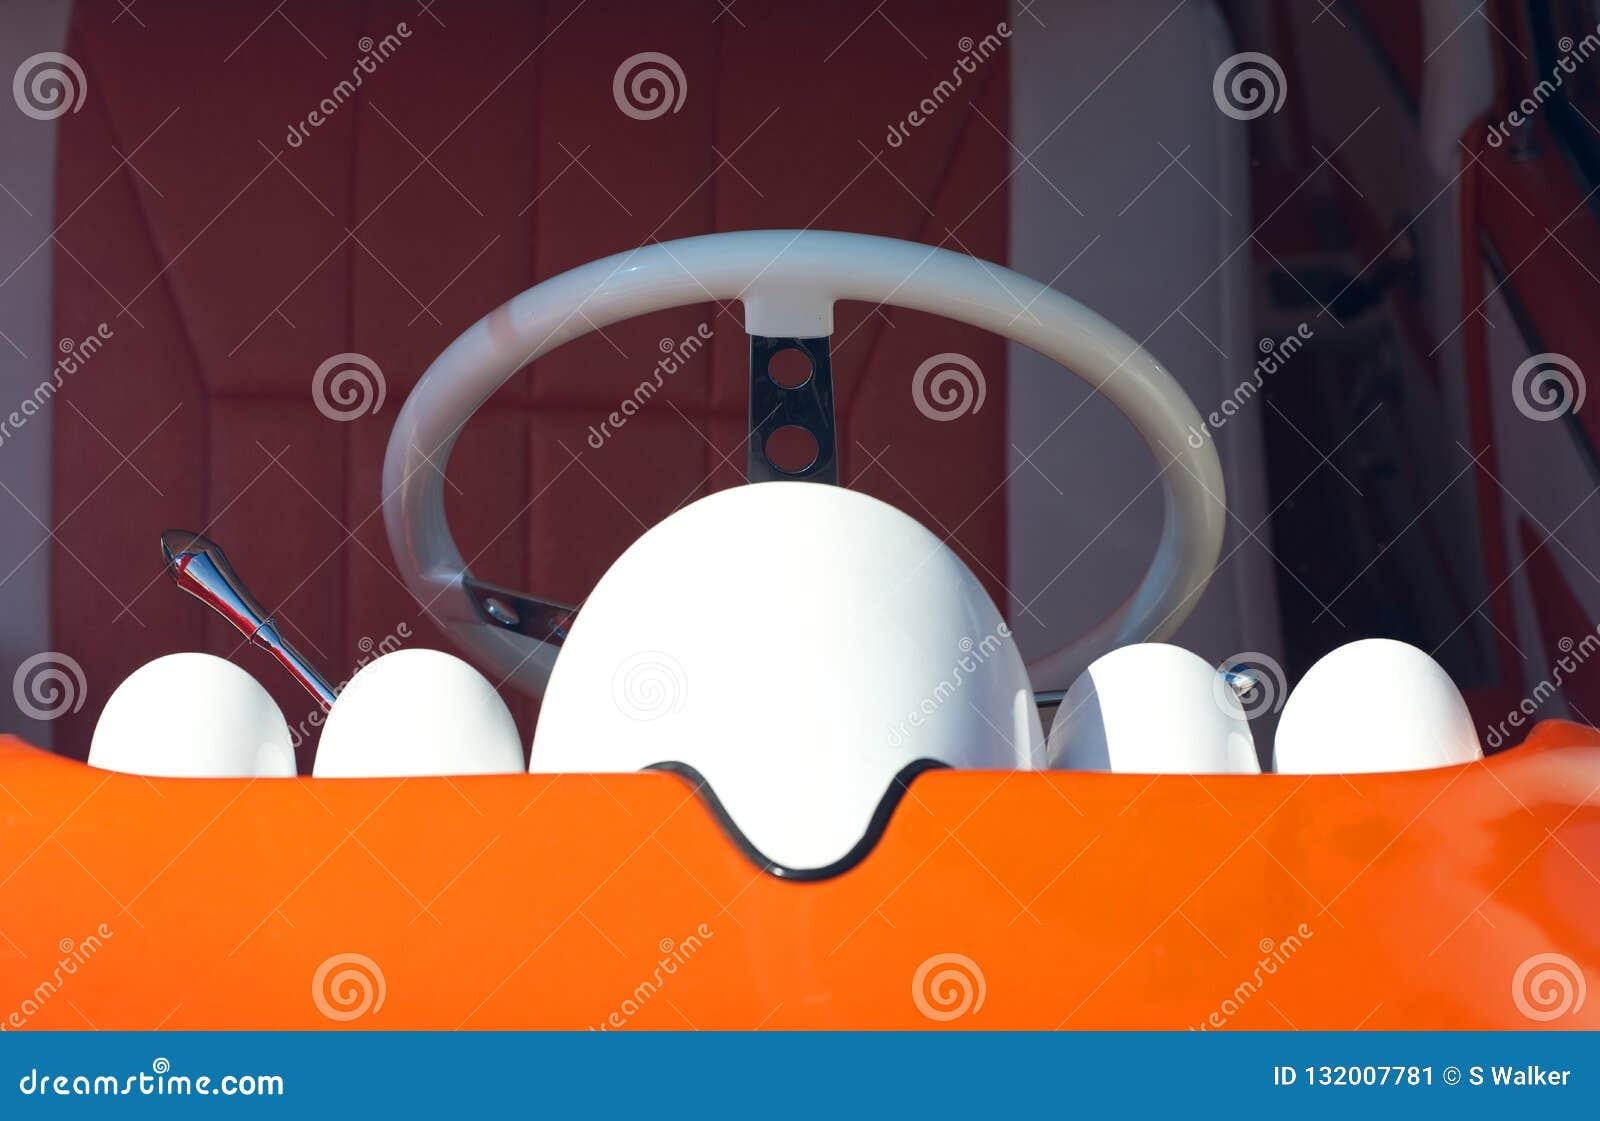 Kierownica, konsola i jaskrawa pomarańczowa deska rozdzielcza, Amerykański klasyczny samochód